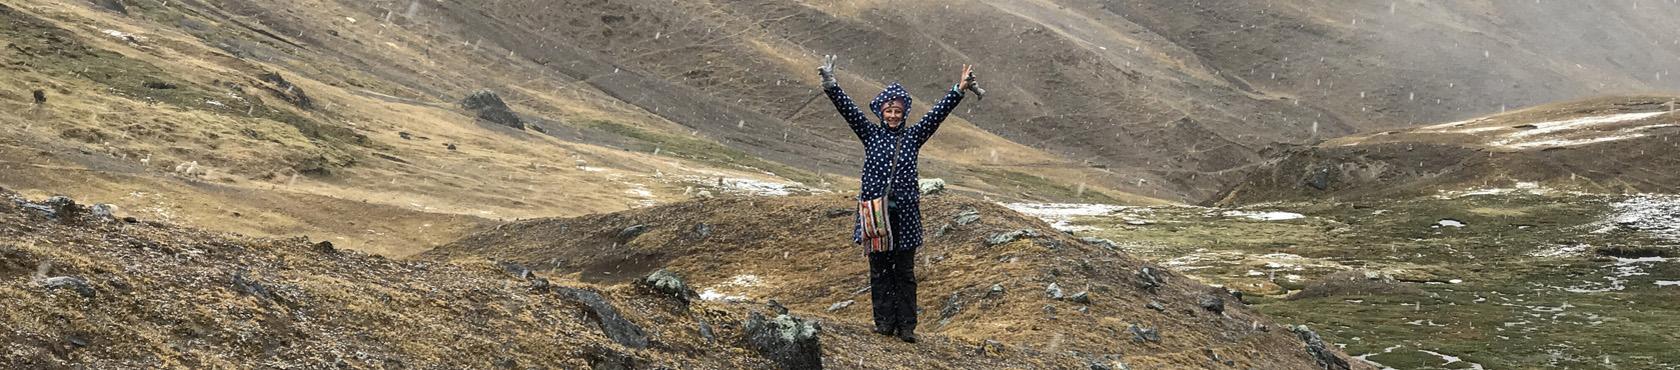 Freiheit, Selbtliebe und innere Kraft mit der Inka-Tradition